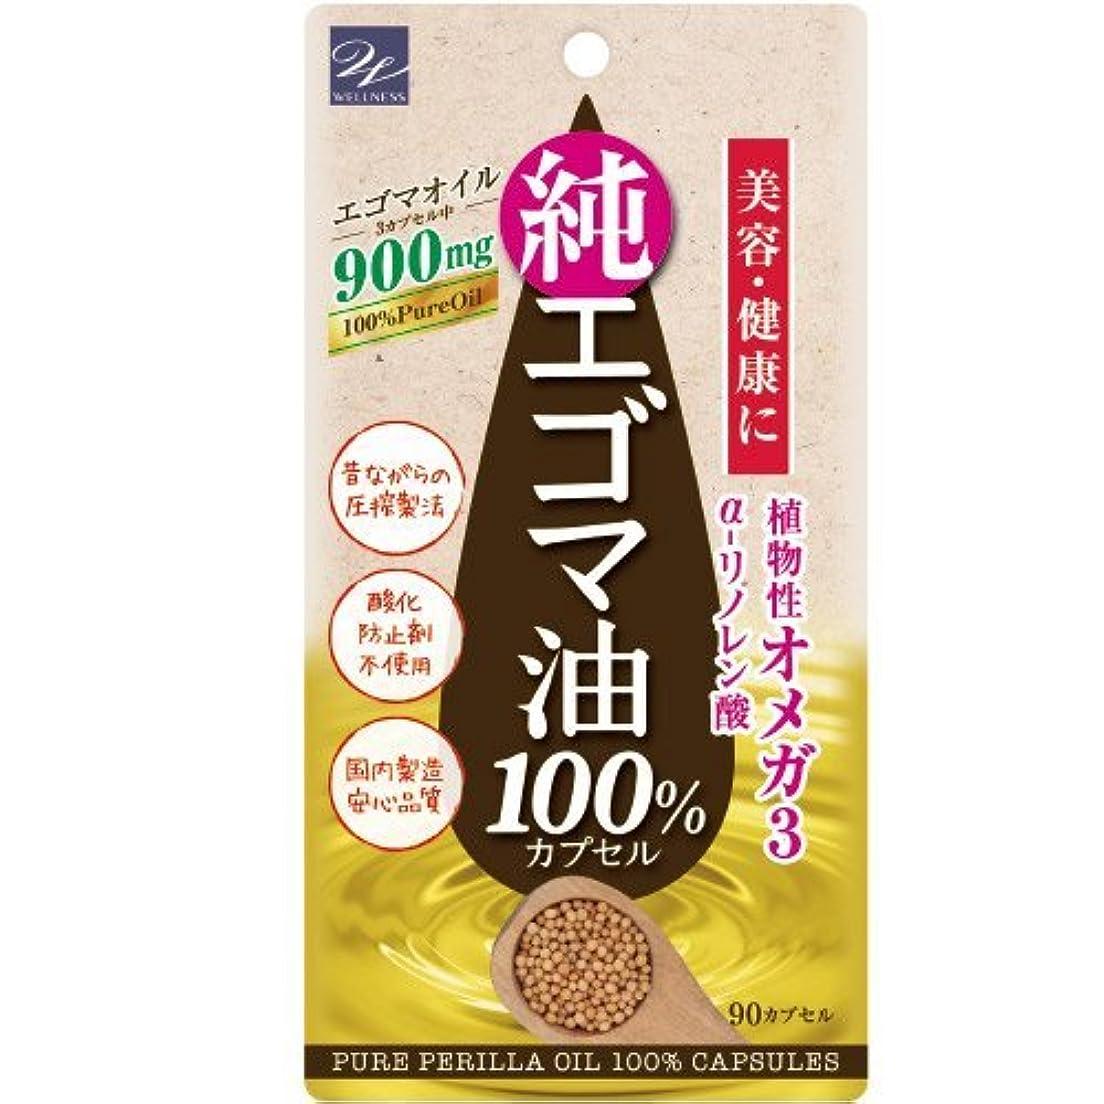 ベギンナプキン不健康エゴマ油100%カプセル 90粒 x6個セット